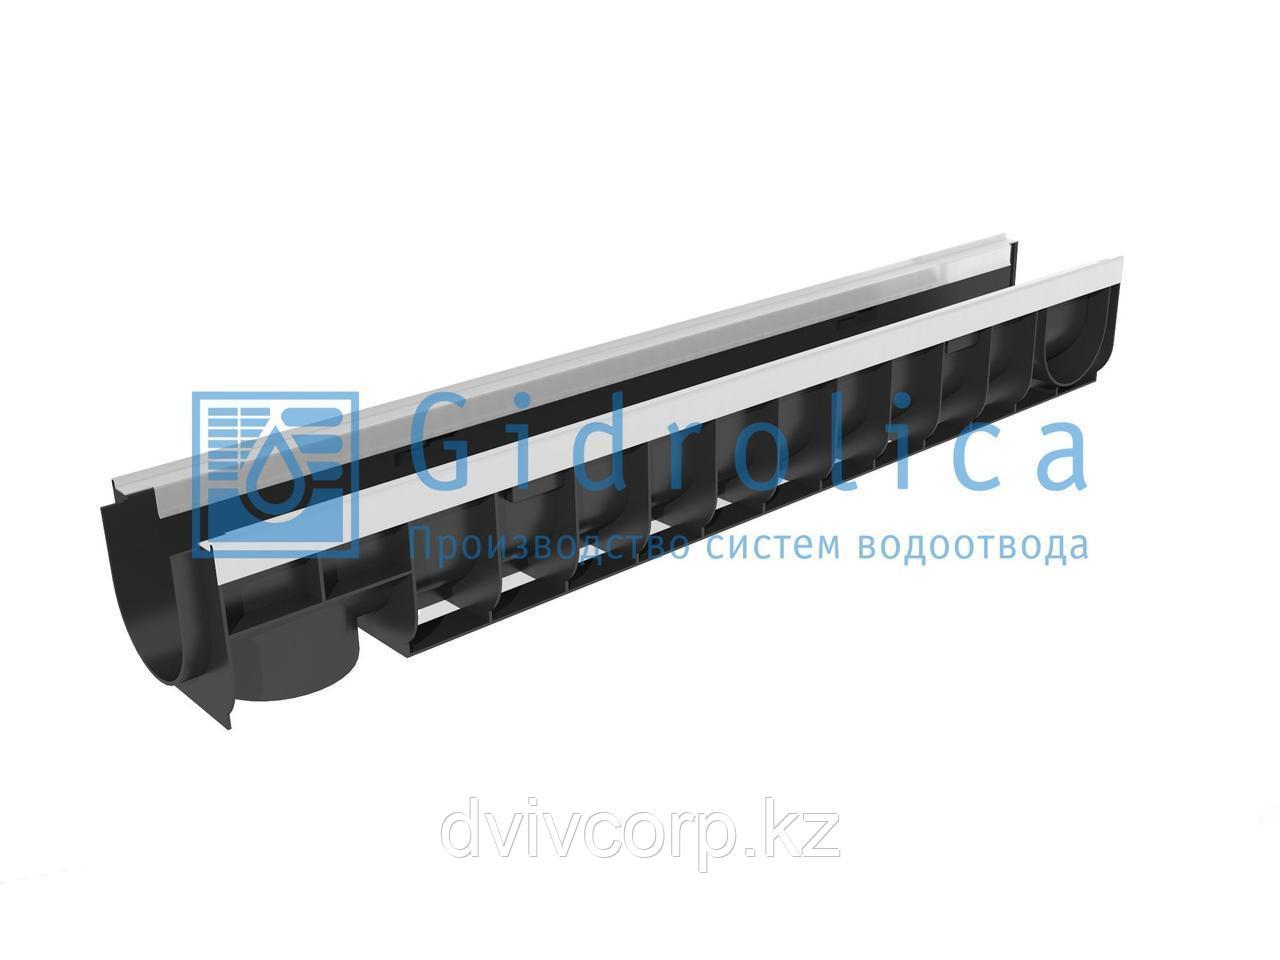 Арт. 8004 Лоток водоотводный Gidrolica Standart Plus ЛВ-10.14,5.13,5 - пластиковый (усиленный)